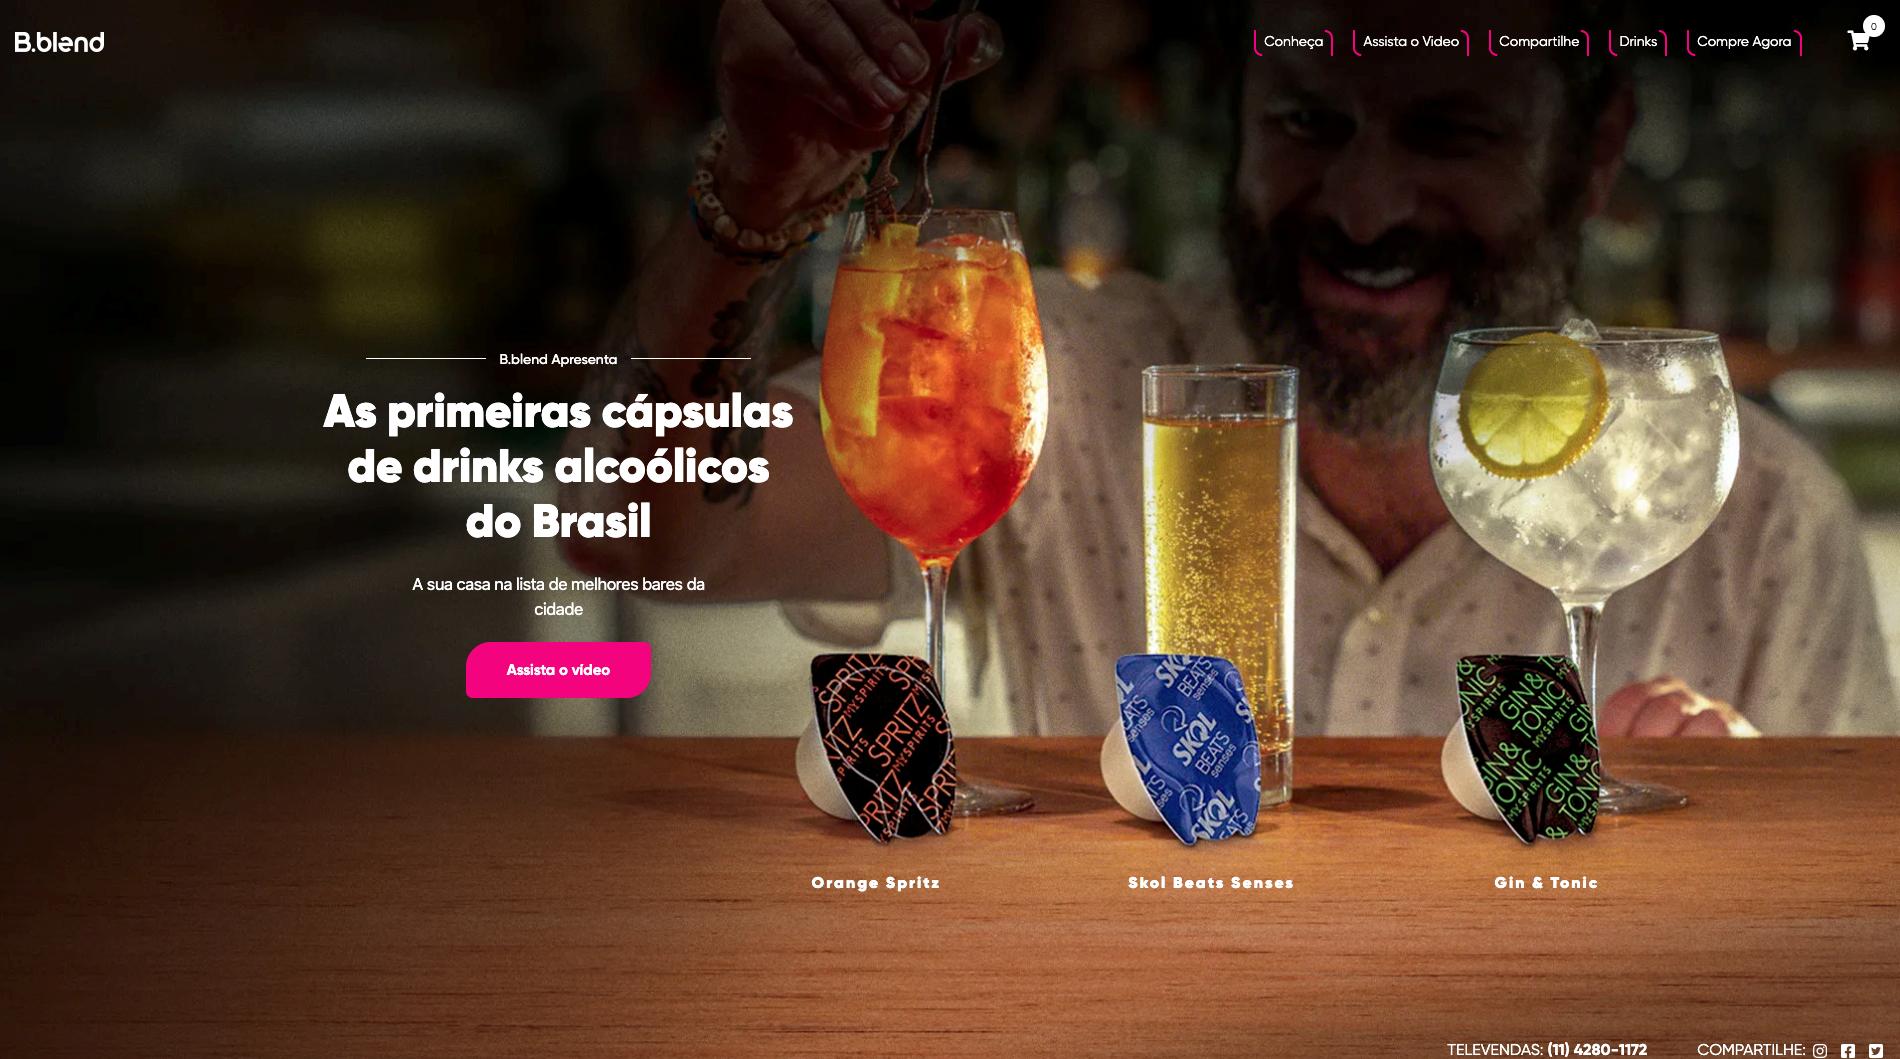 bblend-cap homepage